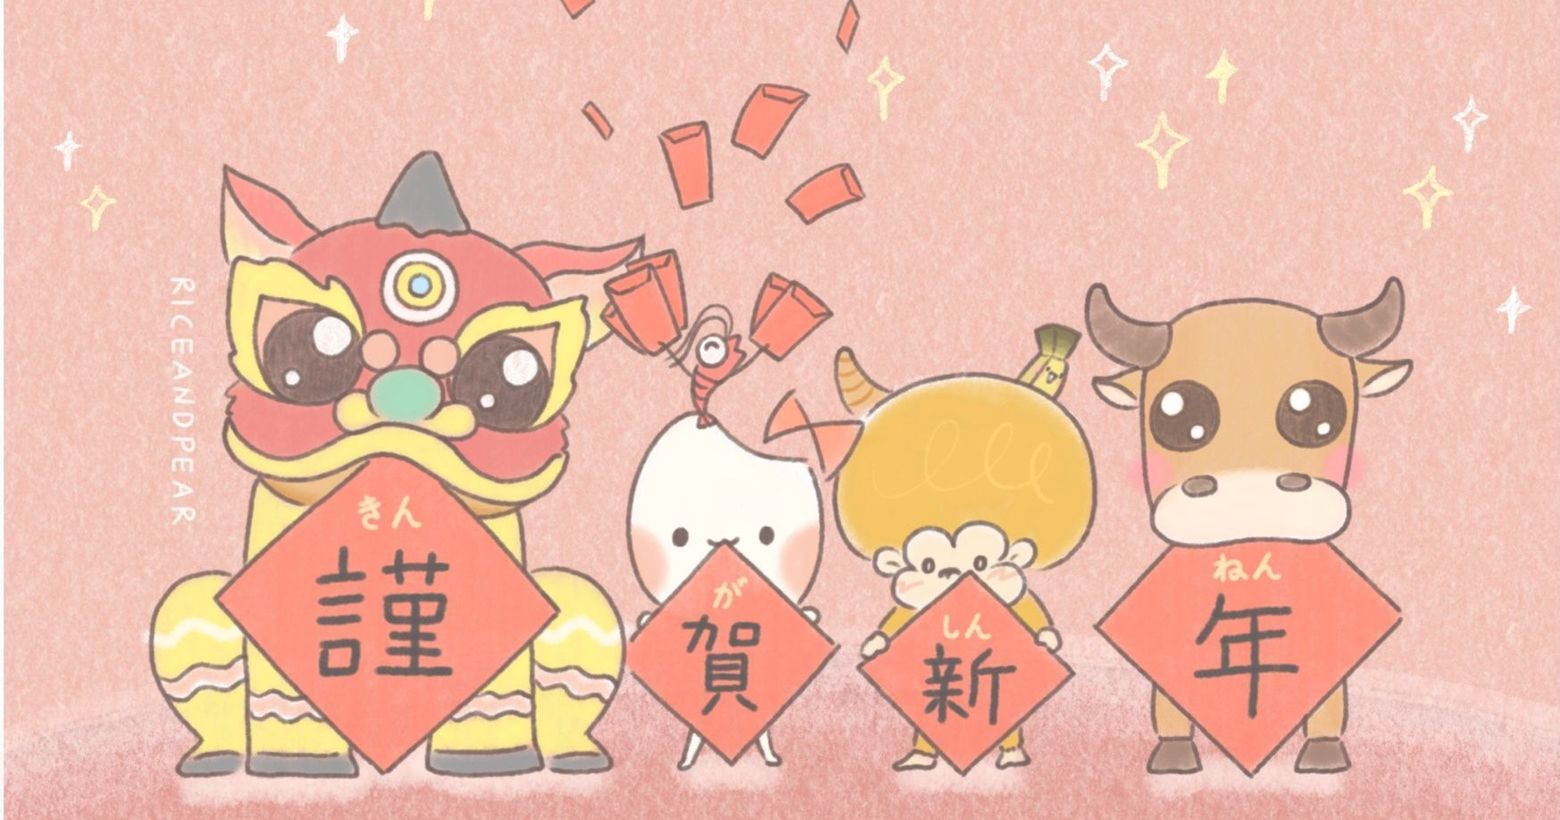 #看插畫學日文 - 來拜年#萊思與屁猴主題日文週這次的主題是🎊#賀年賀正/